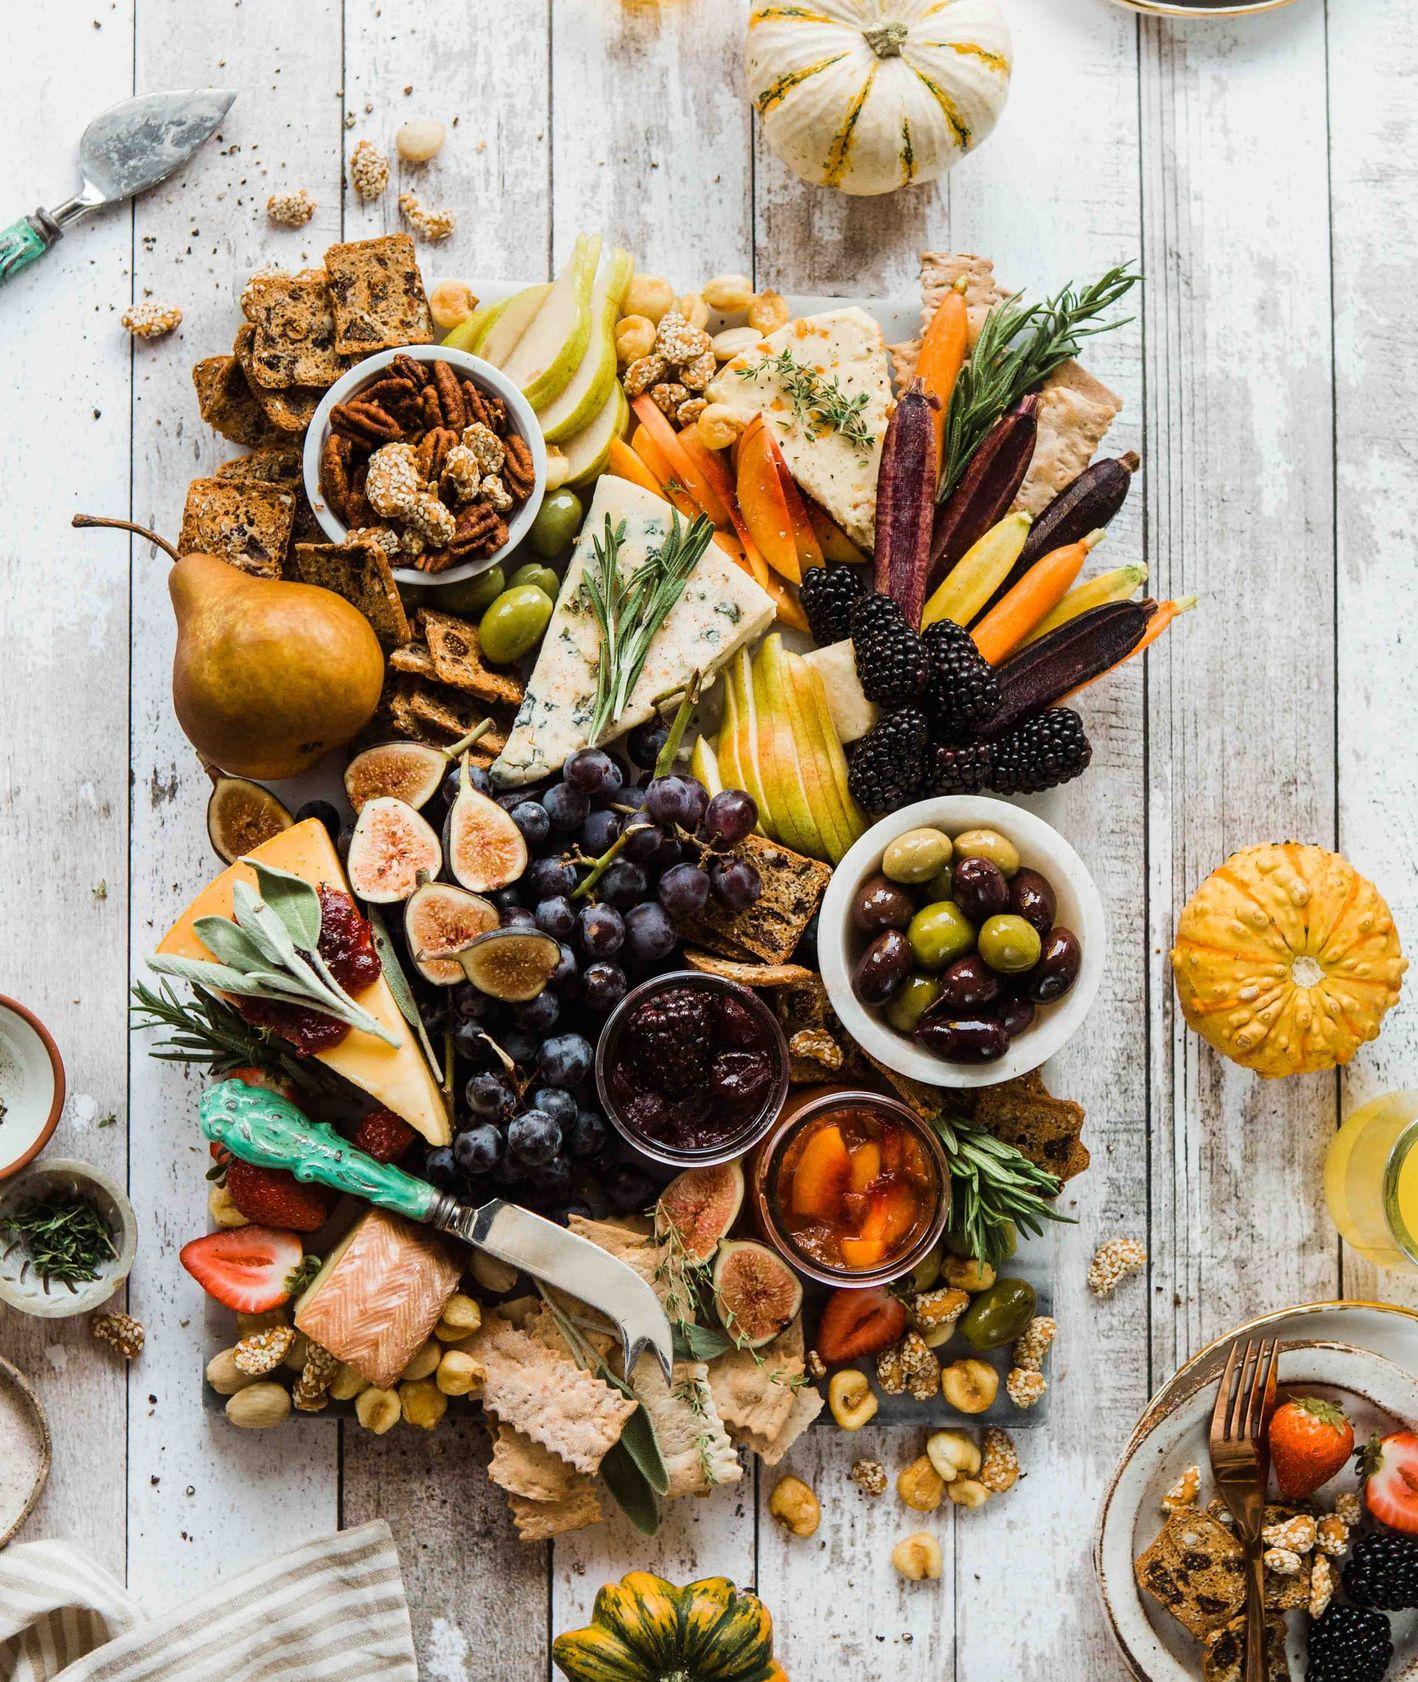 Sery, oliwki, owoce, wegetariańskie przystawki (fot. Brooke Lark / unsplash.com)